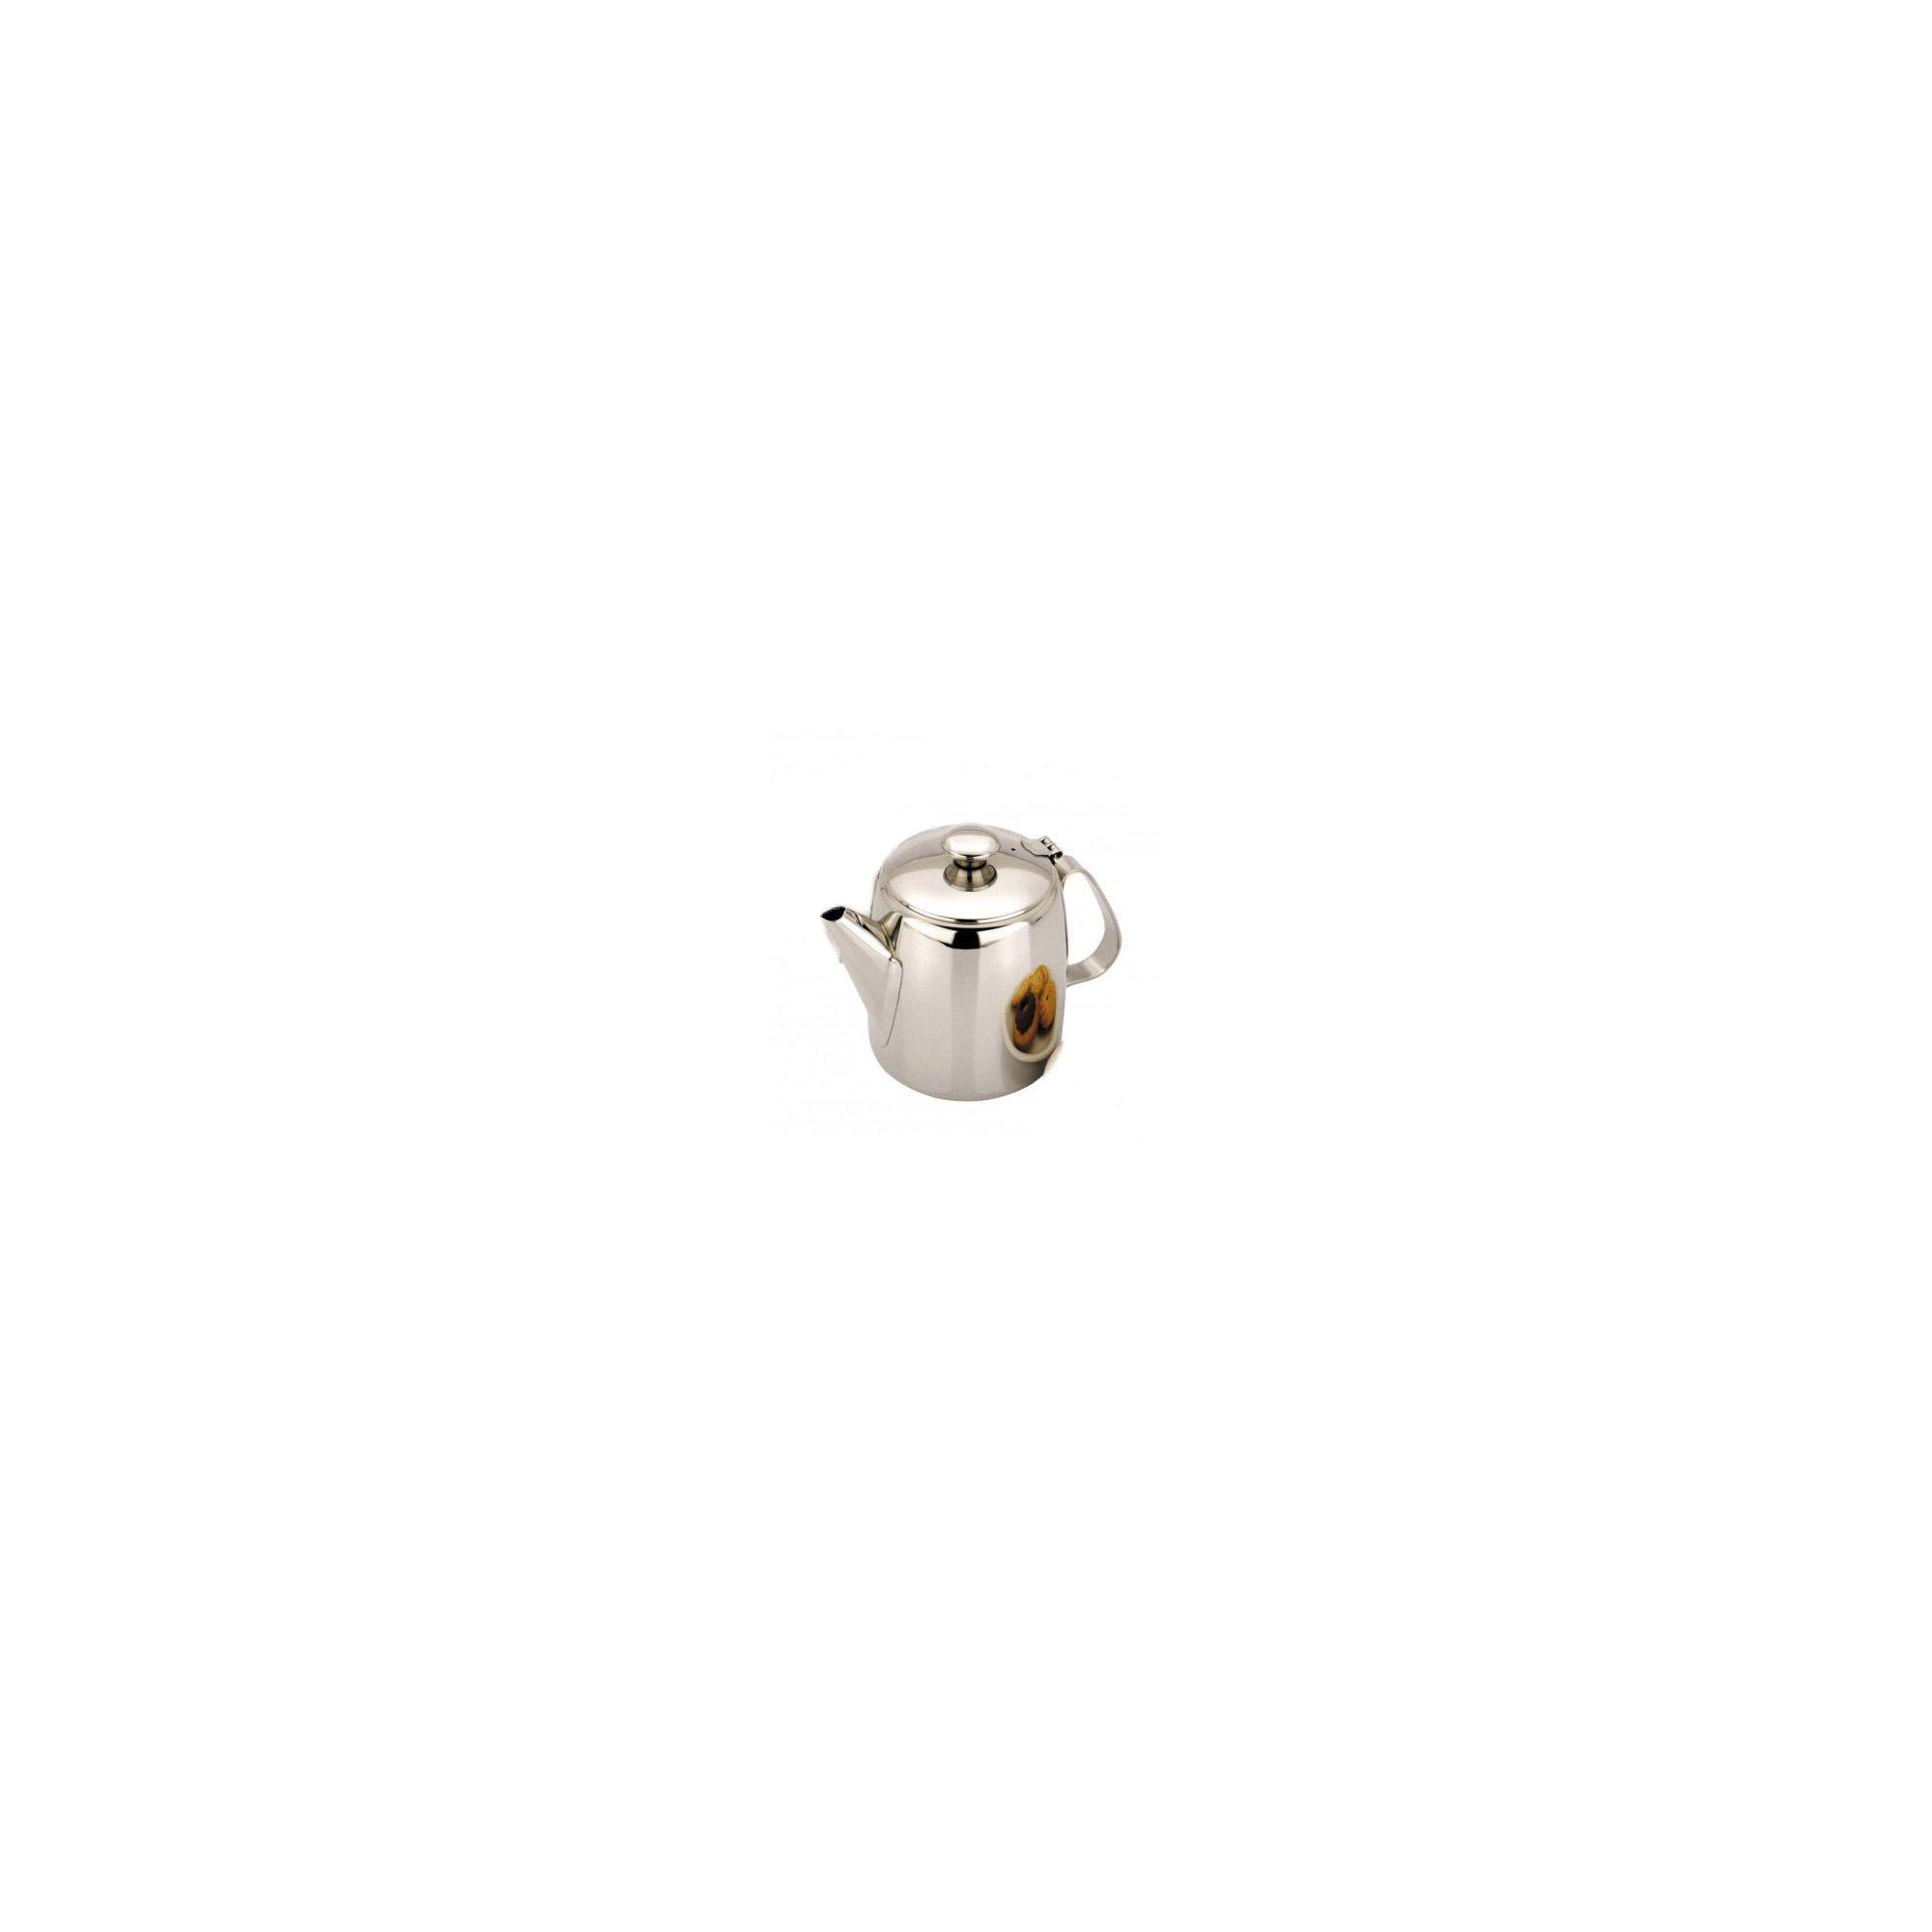 Zodiac 31331 Teapot S/S 20Oz